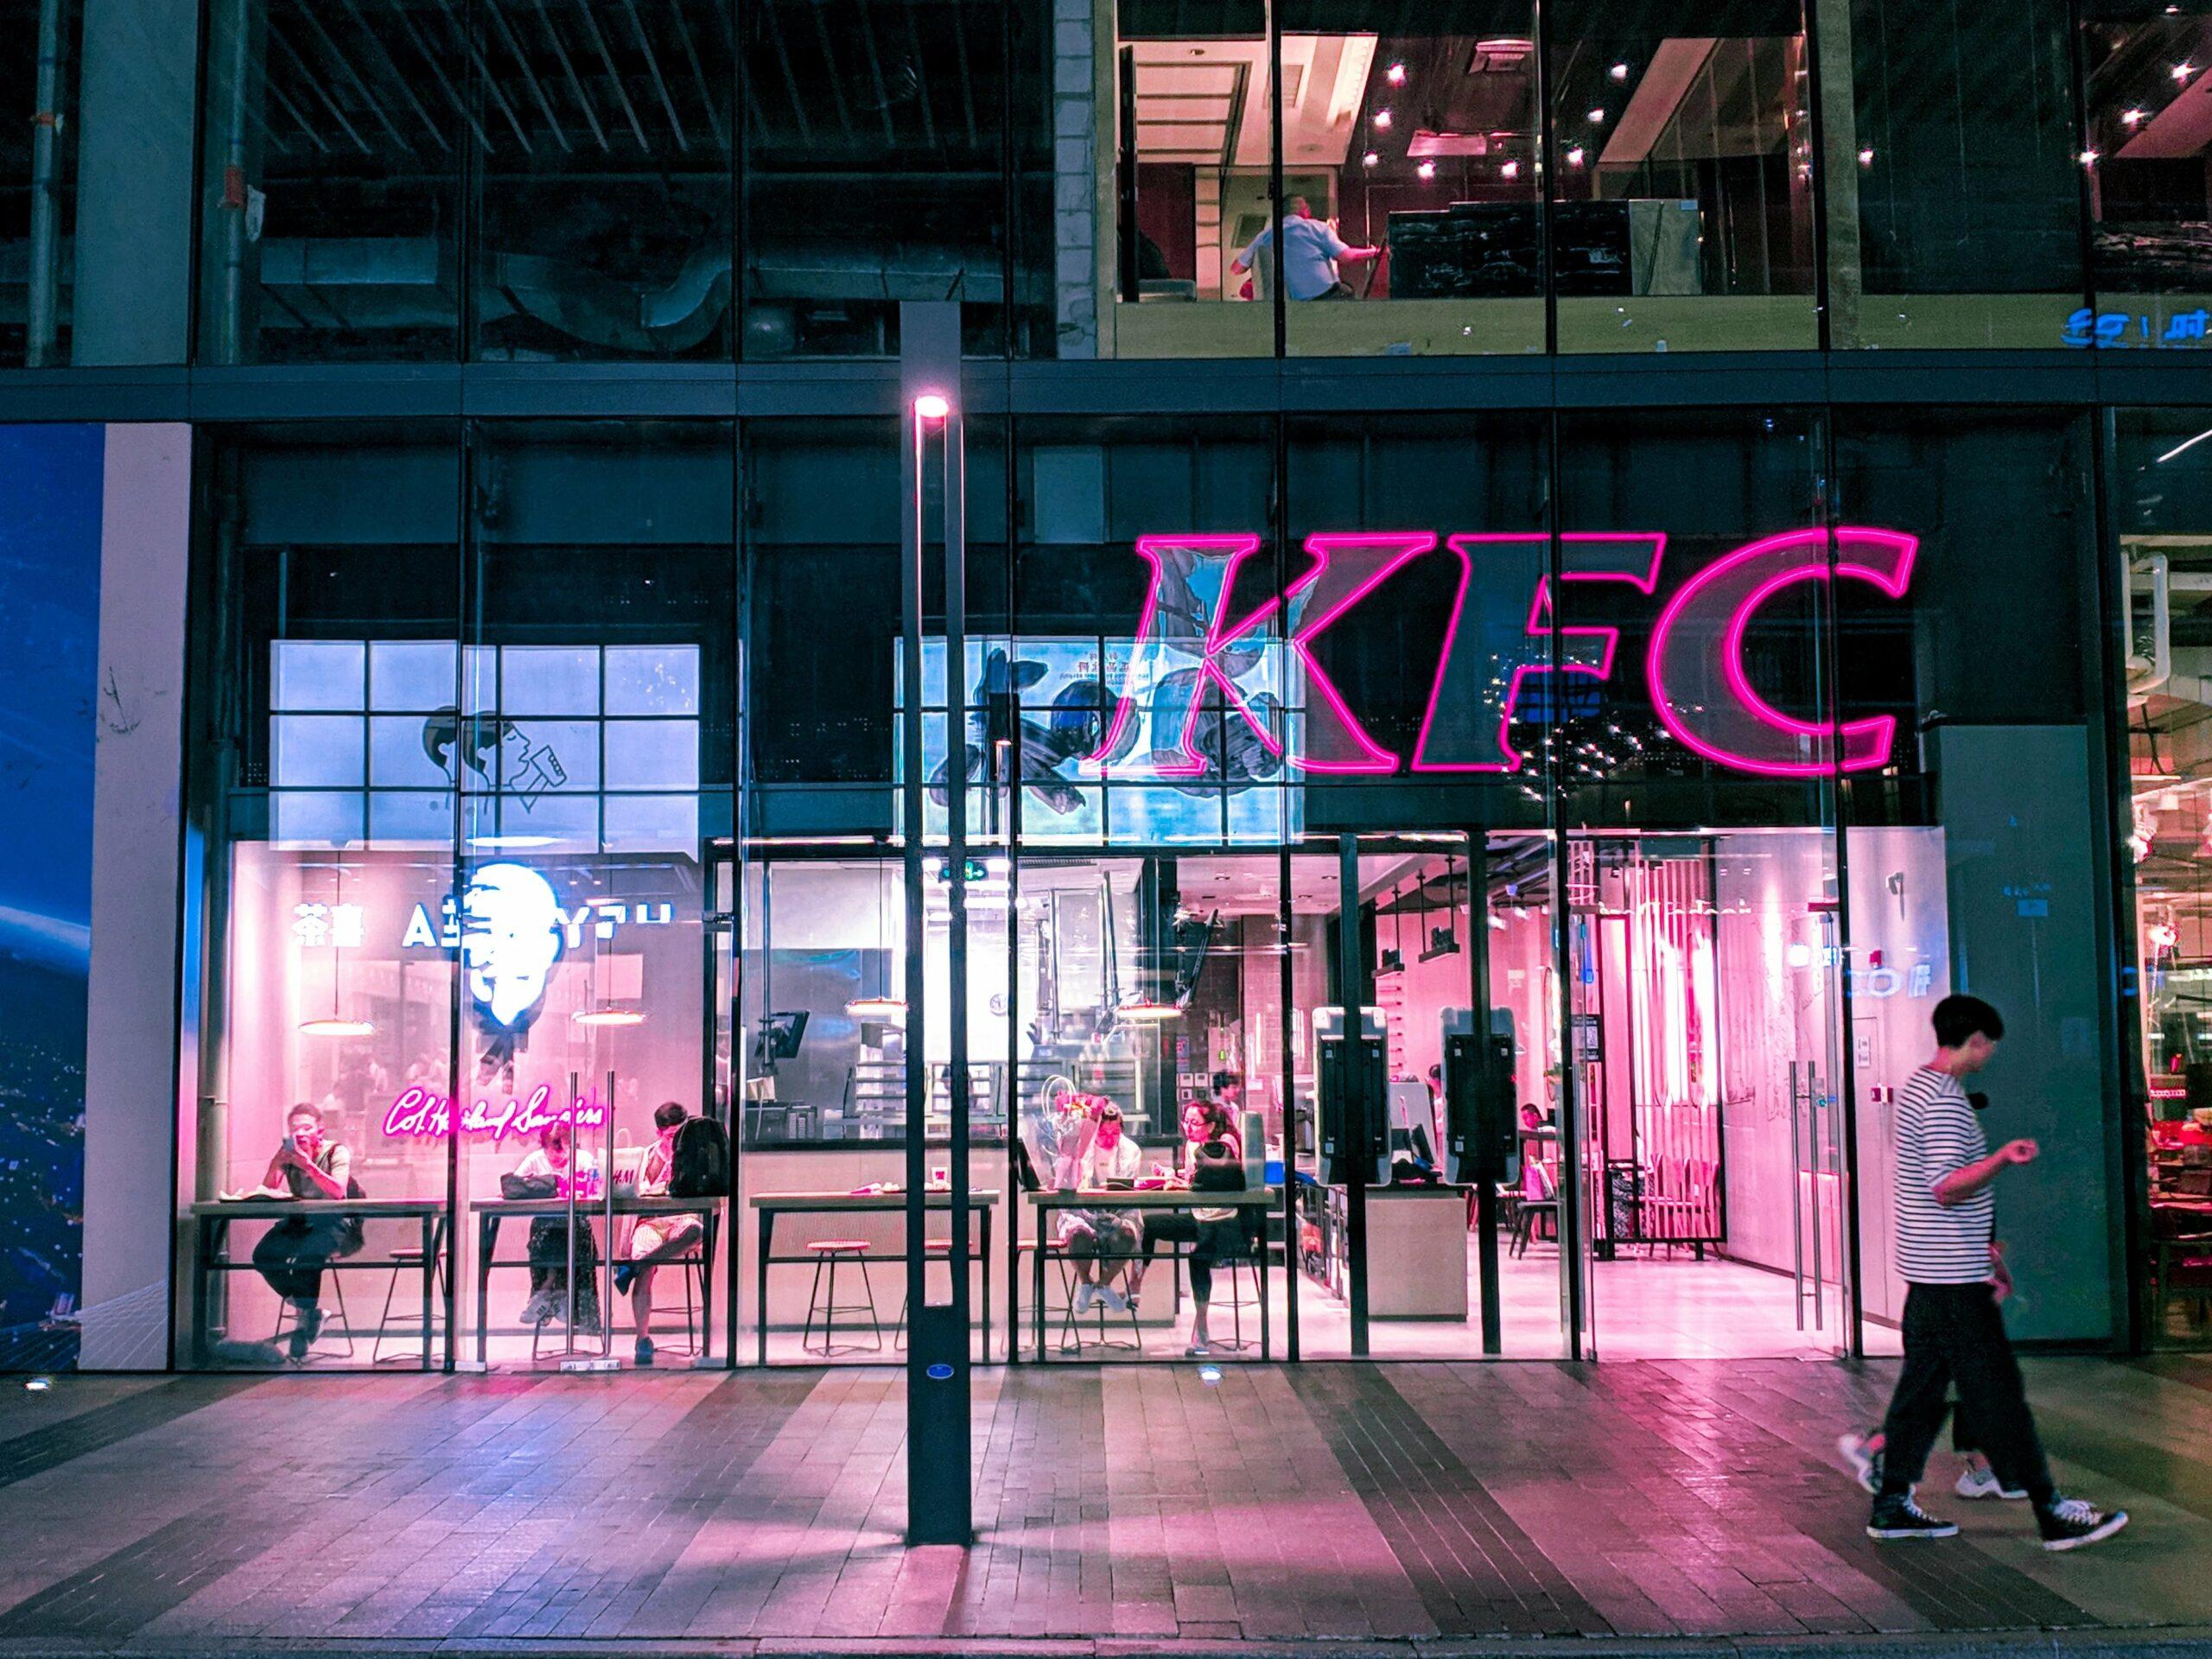 A Cyberpunk-style KFC restaurant in Guangzhou